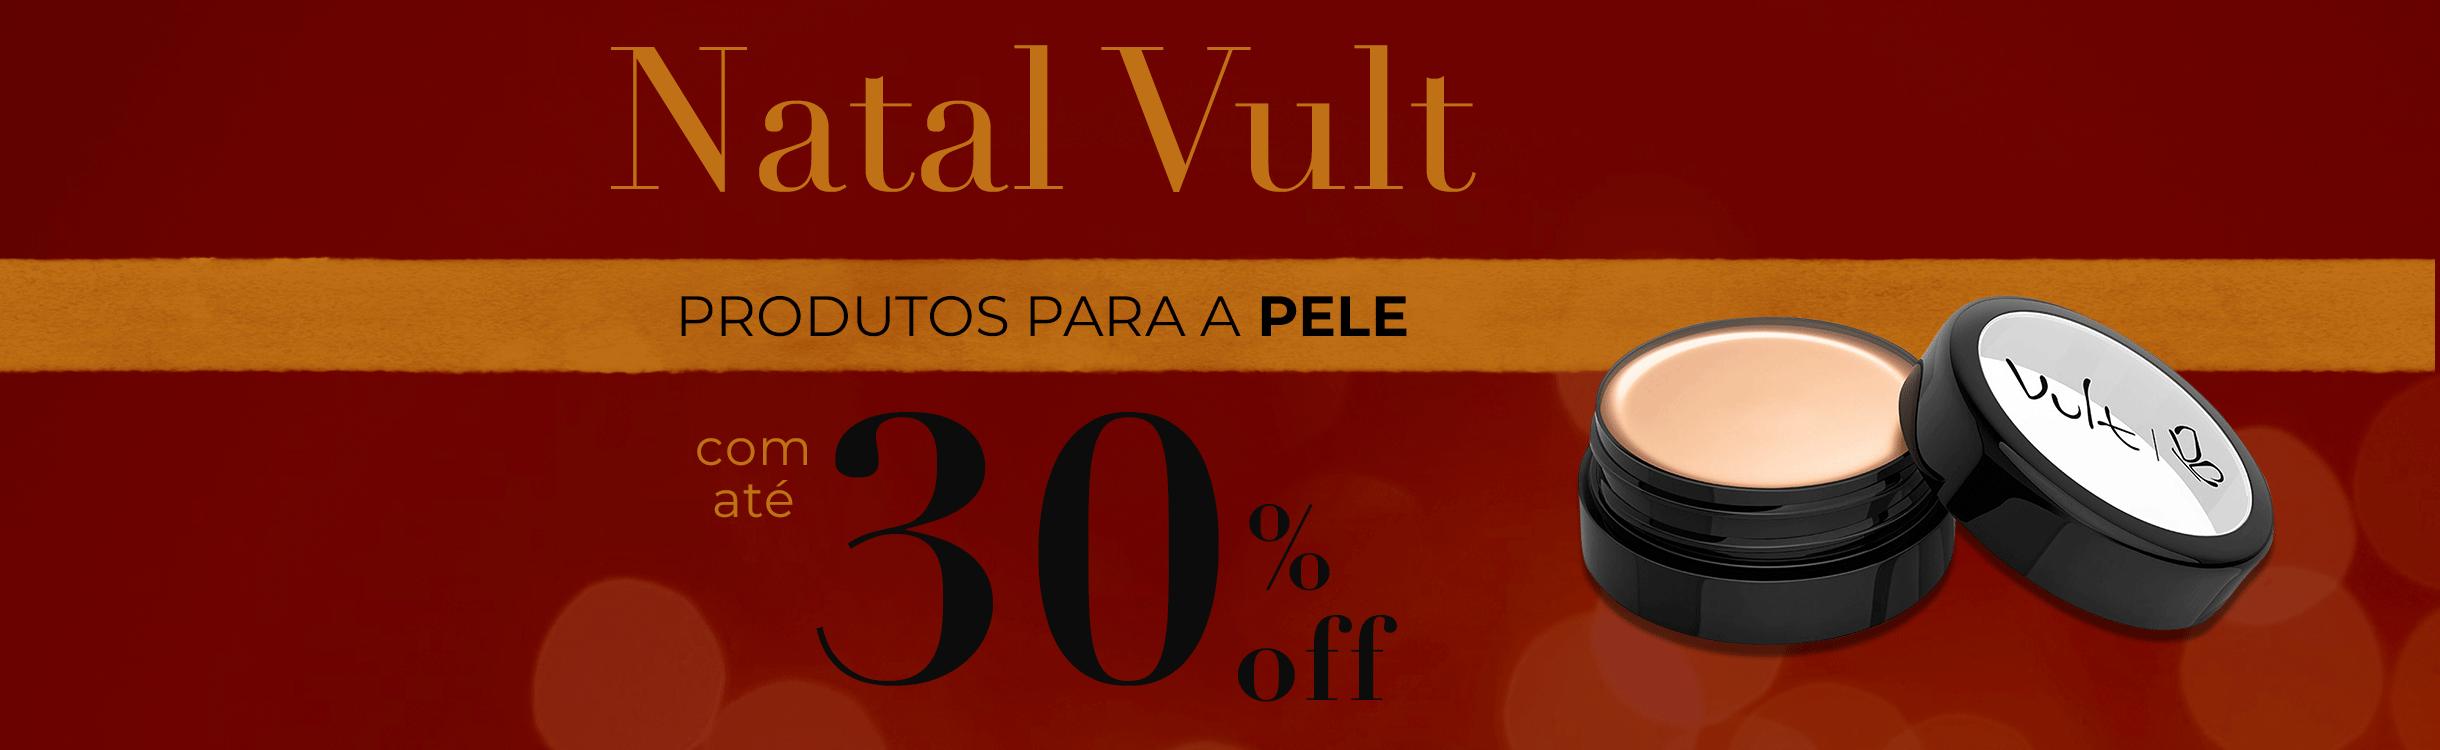 Natal Vult: Produtos para a Pele com até 30%Off